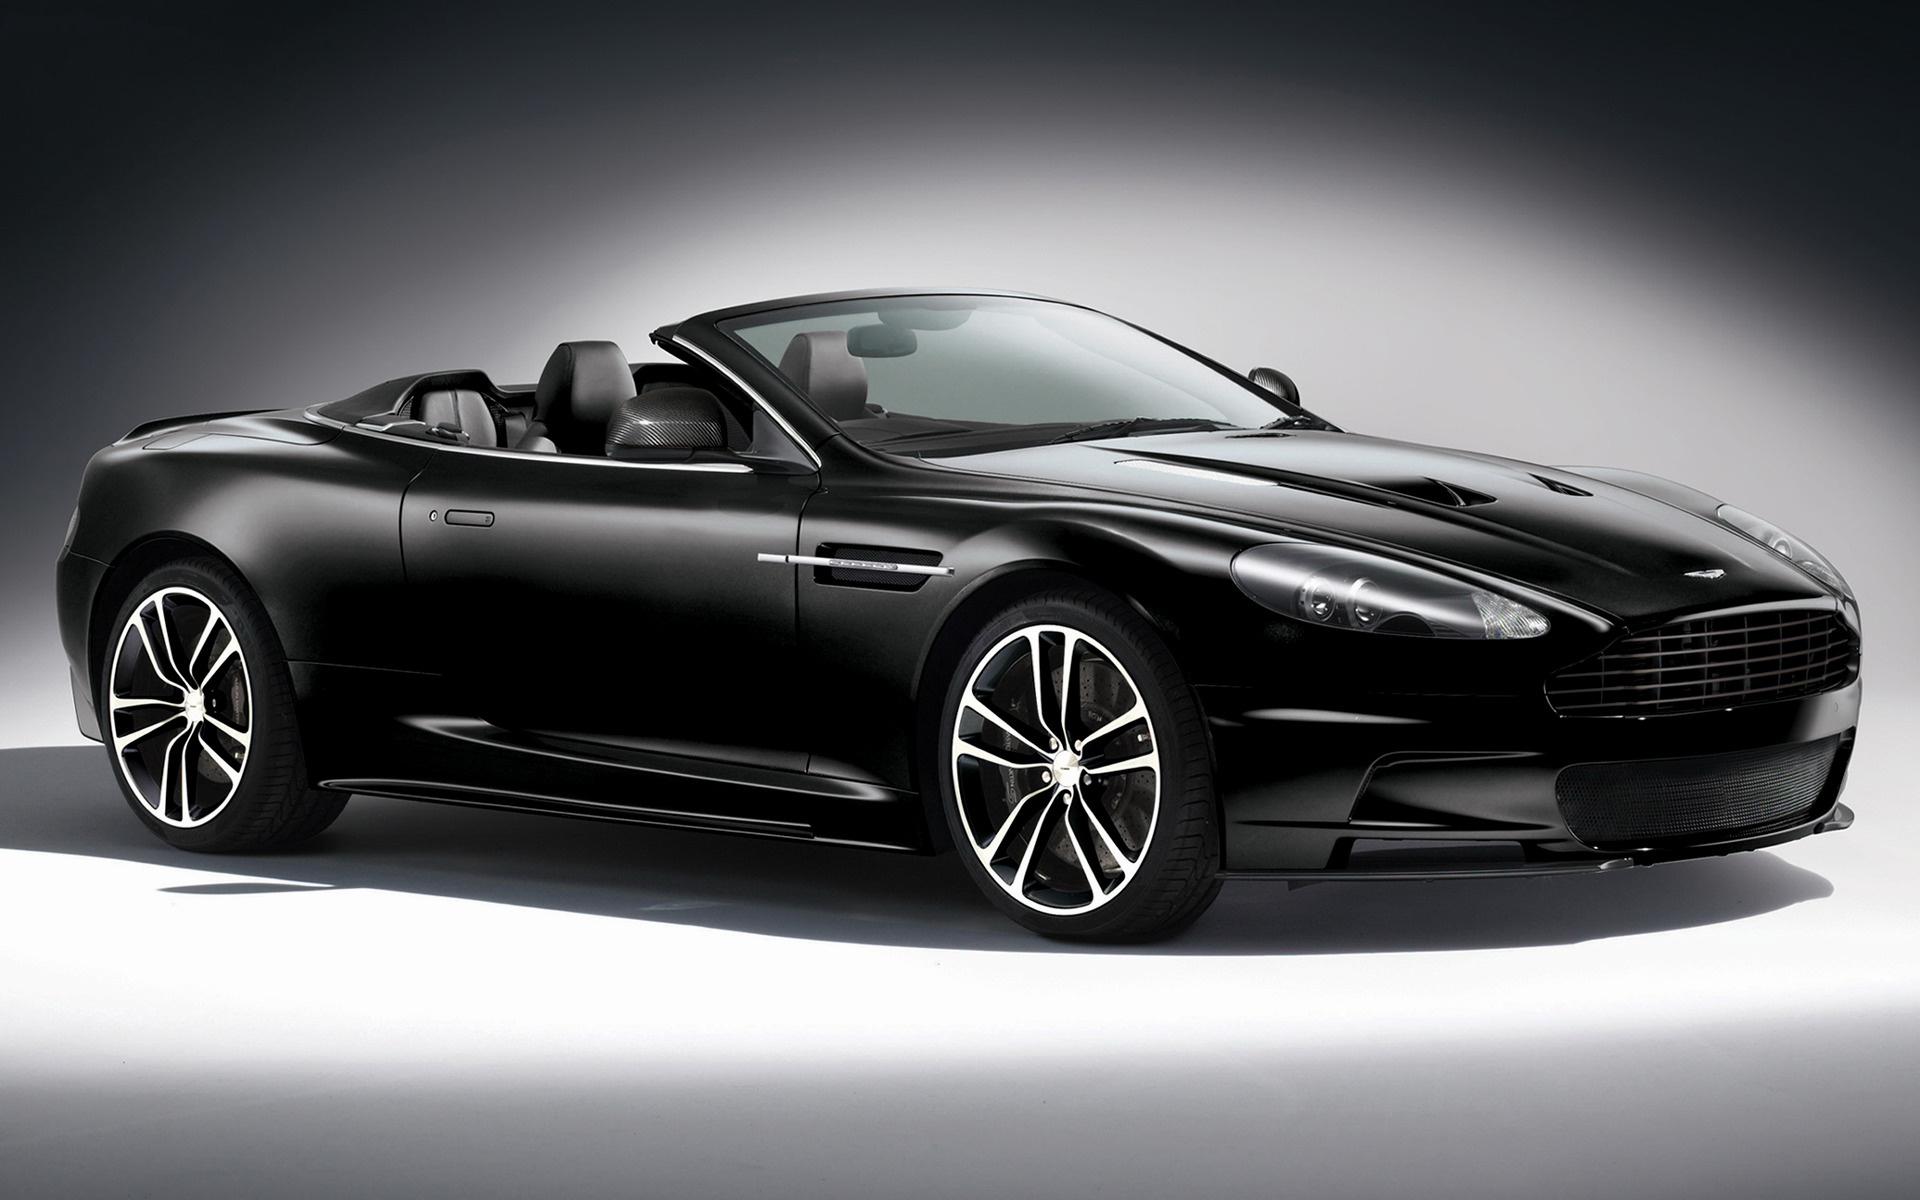 2011 Aston Martin Dbs Volante Carbon Edition Uk Hintergrundbilder Und Wallpaper In Hd Car Pixel